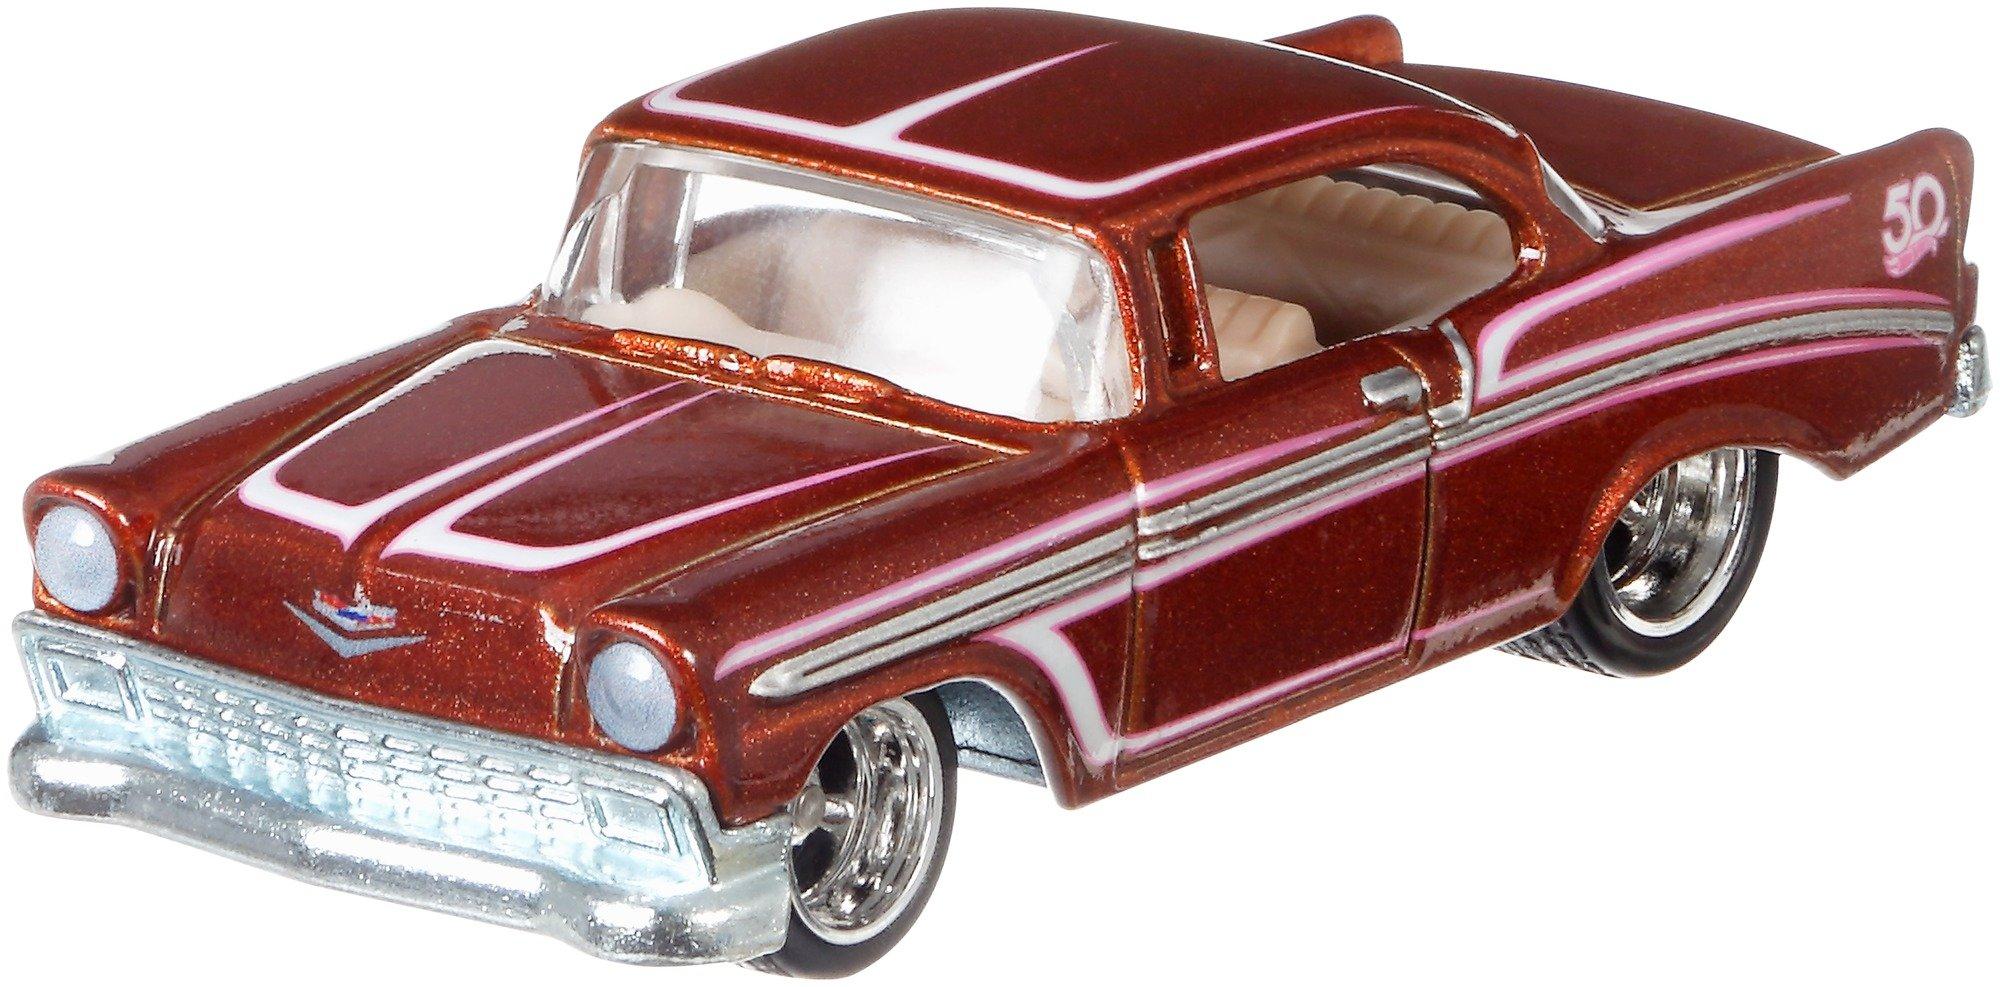 Kelebihan Kekurangan Chevy 56 Perbandingan Harga